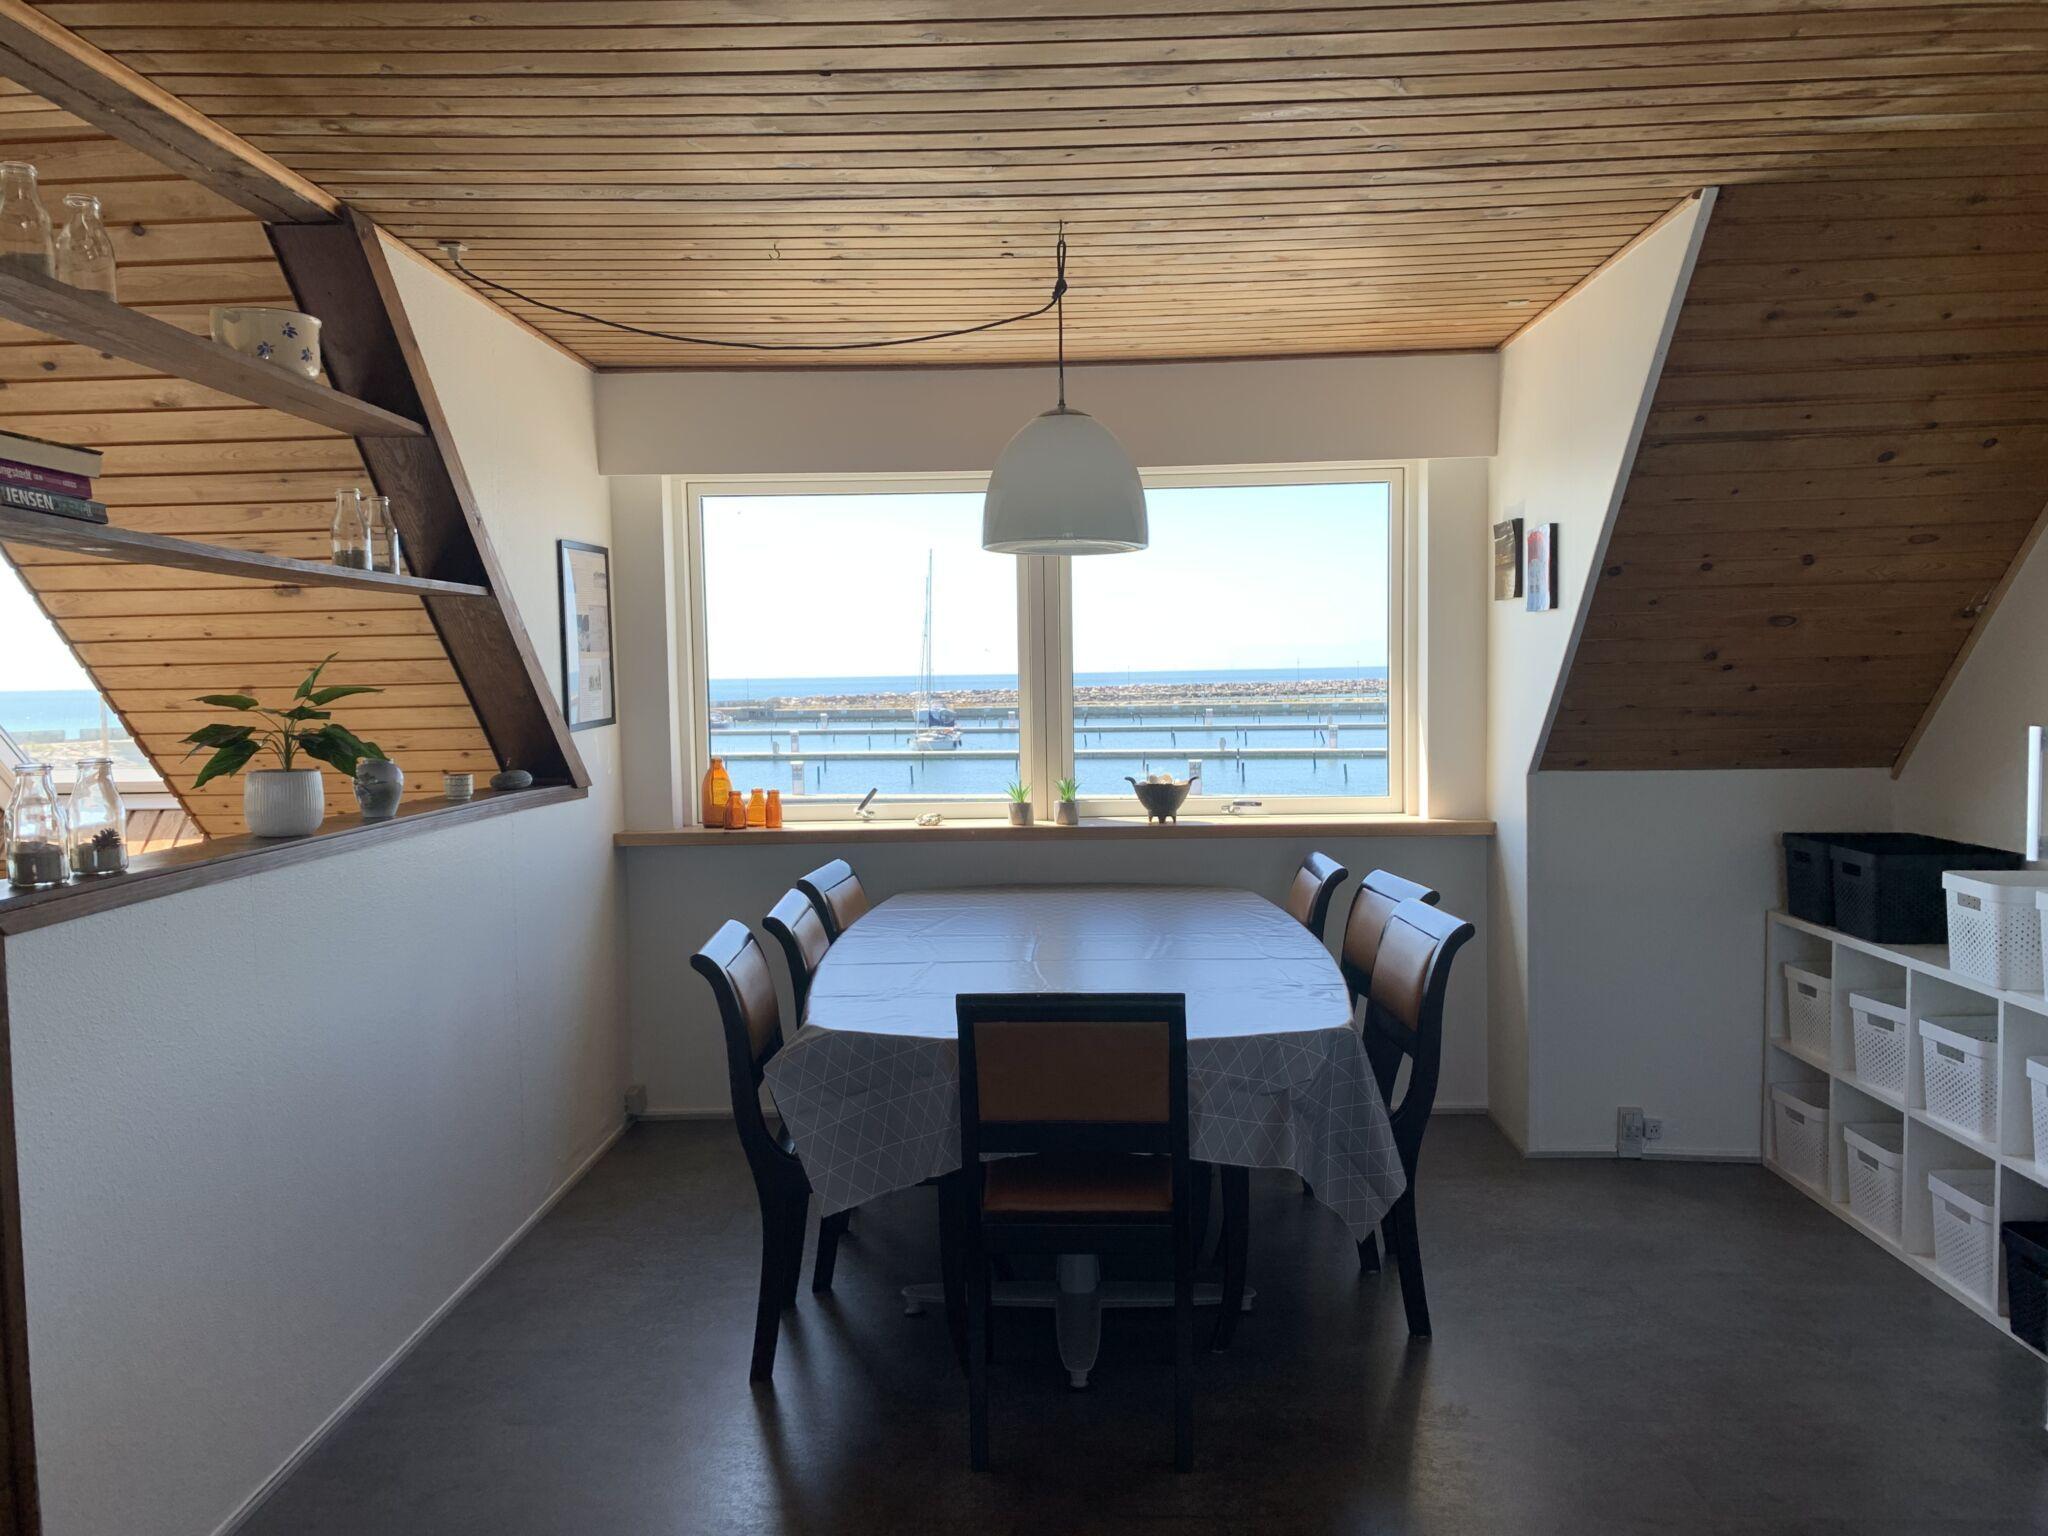 fælles stue med bord og stole